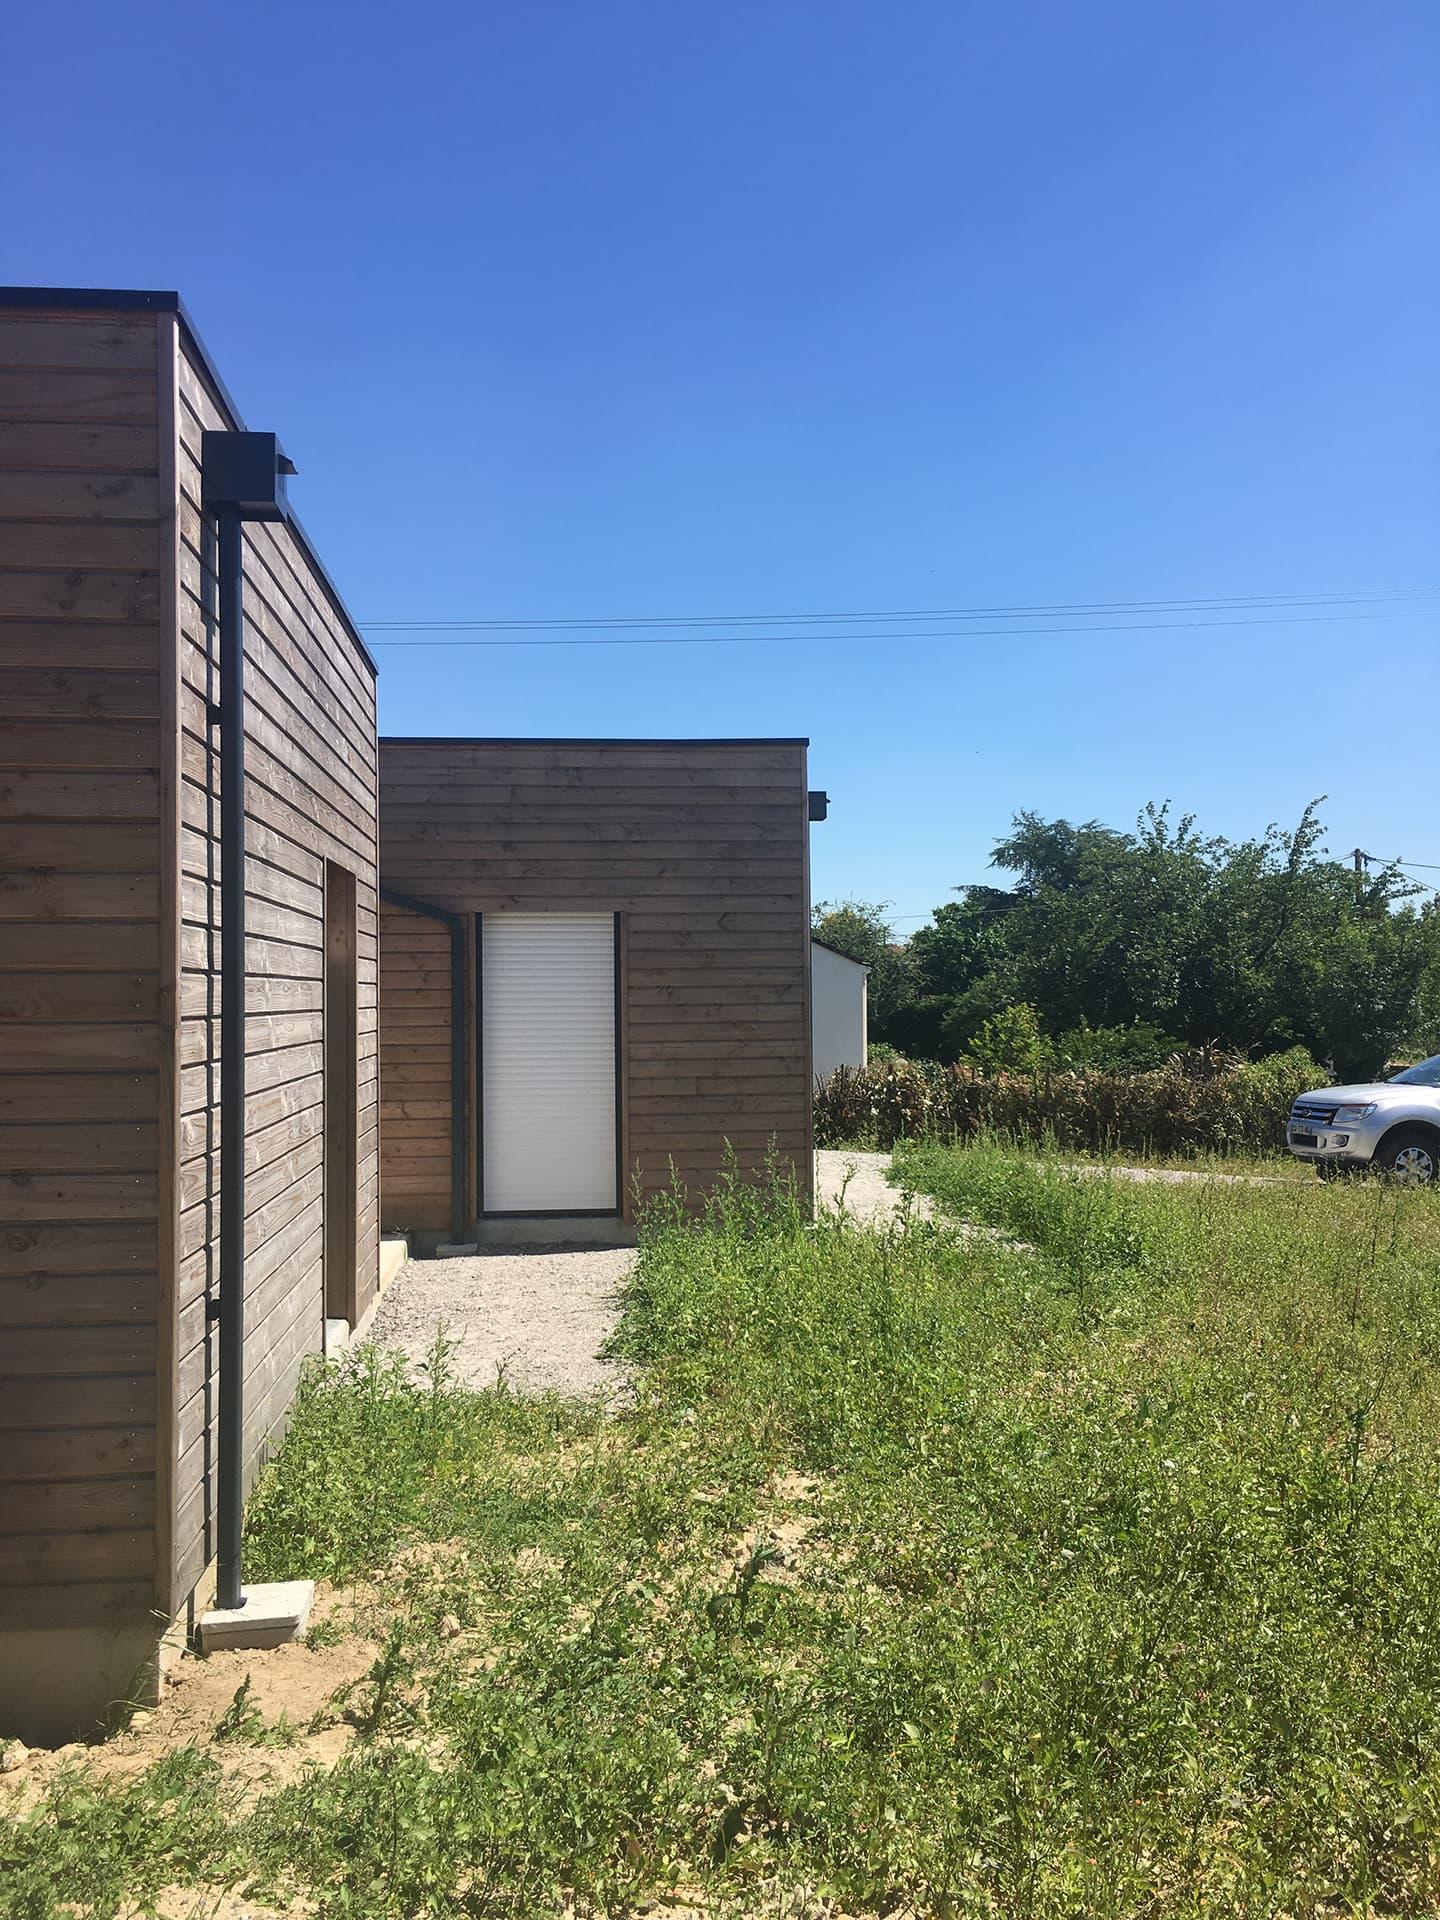 Maison en bois vue future terrasse bois - Permis de construire pour une maison en bois à Legé, proche Nantes